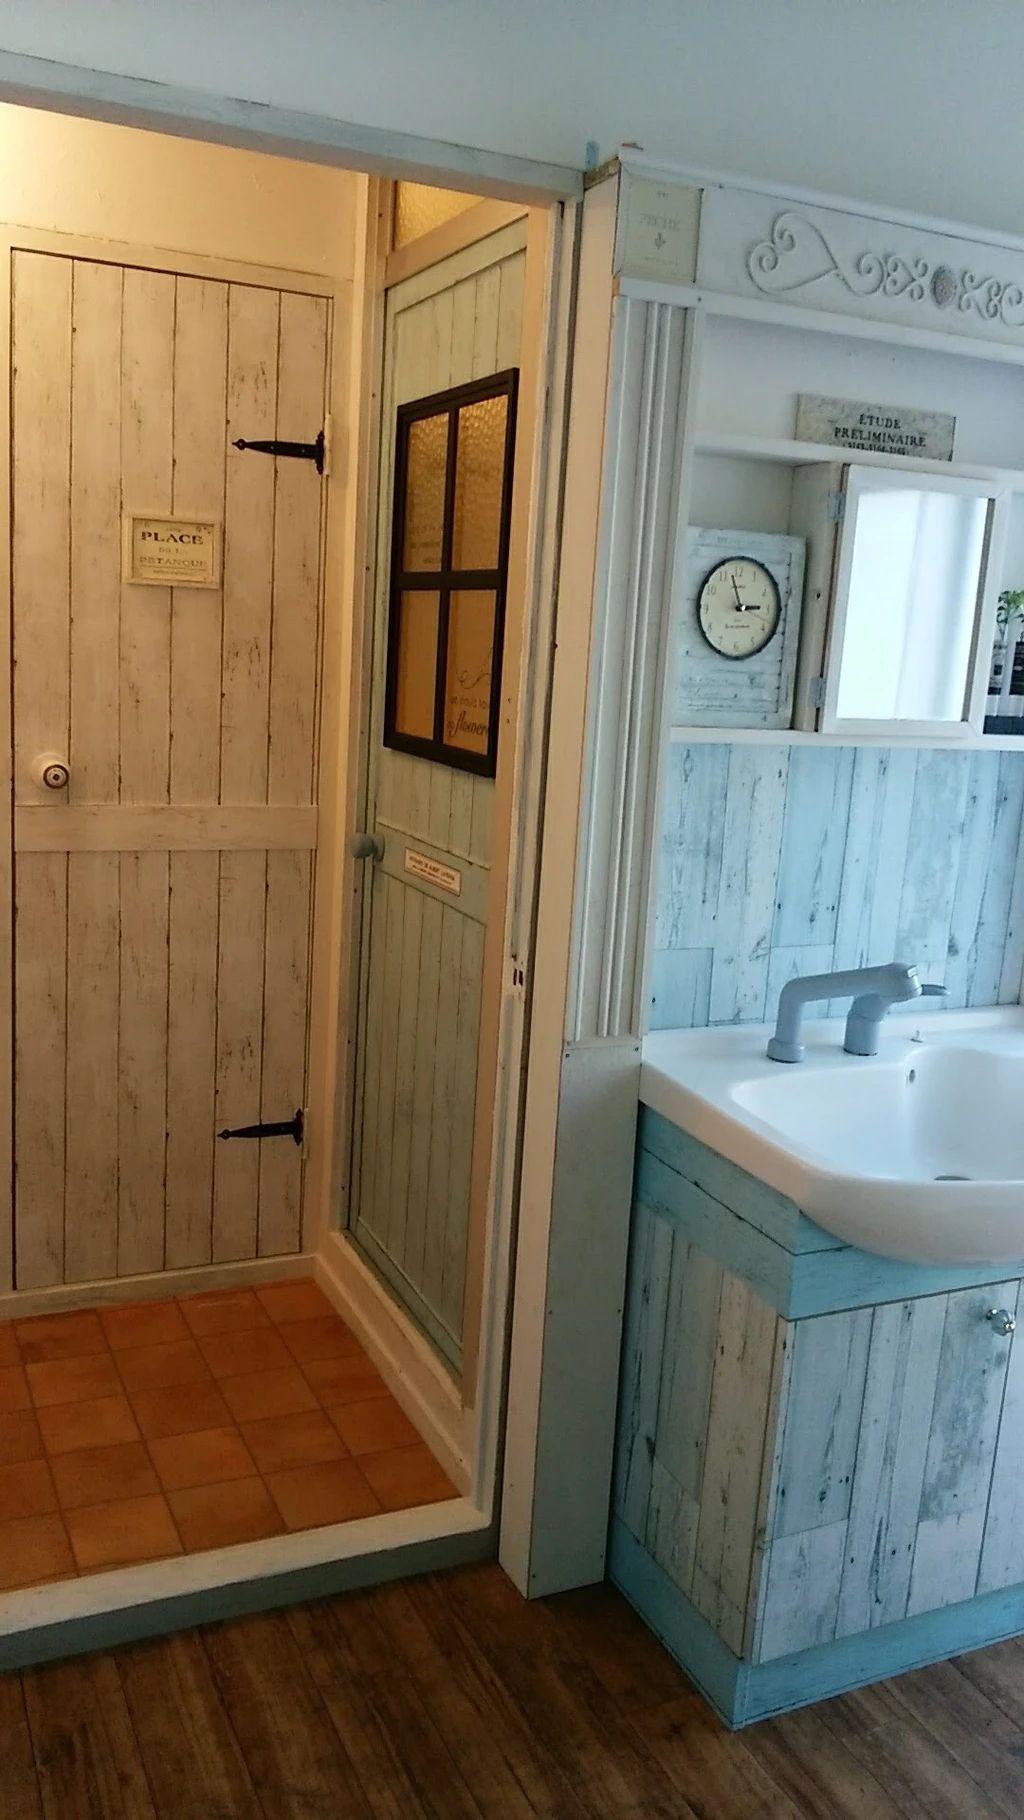 アラフィフdiy女子 の週末実家リノベ 洗面所 トイレ お風呂のドア編 洗面所 ドア ドアリフォーム